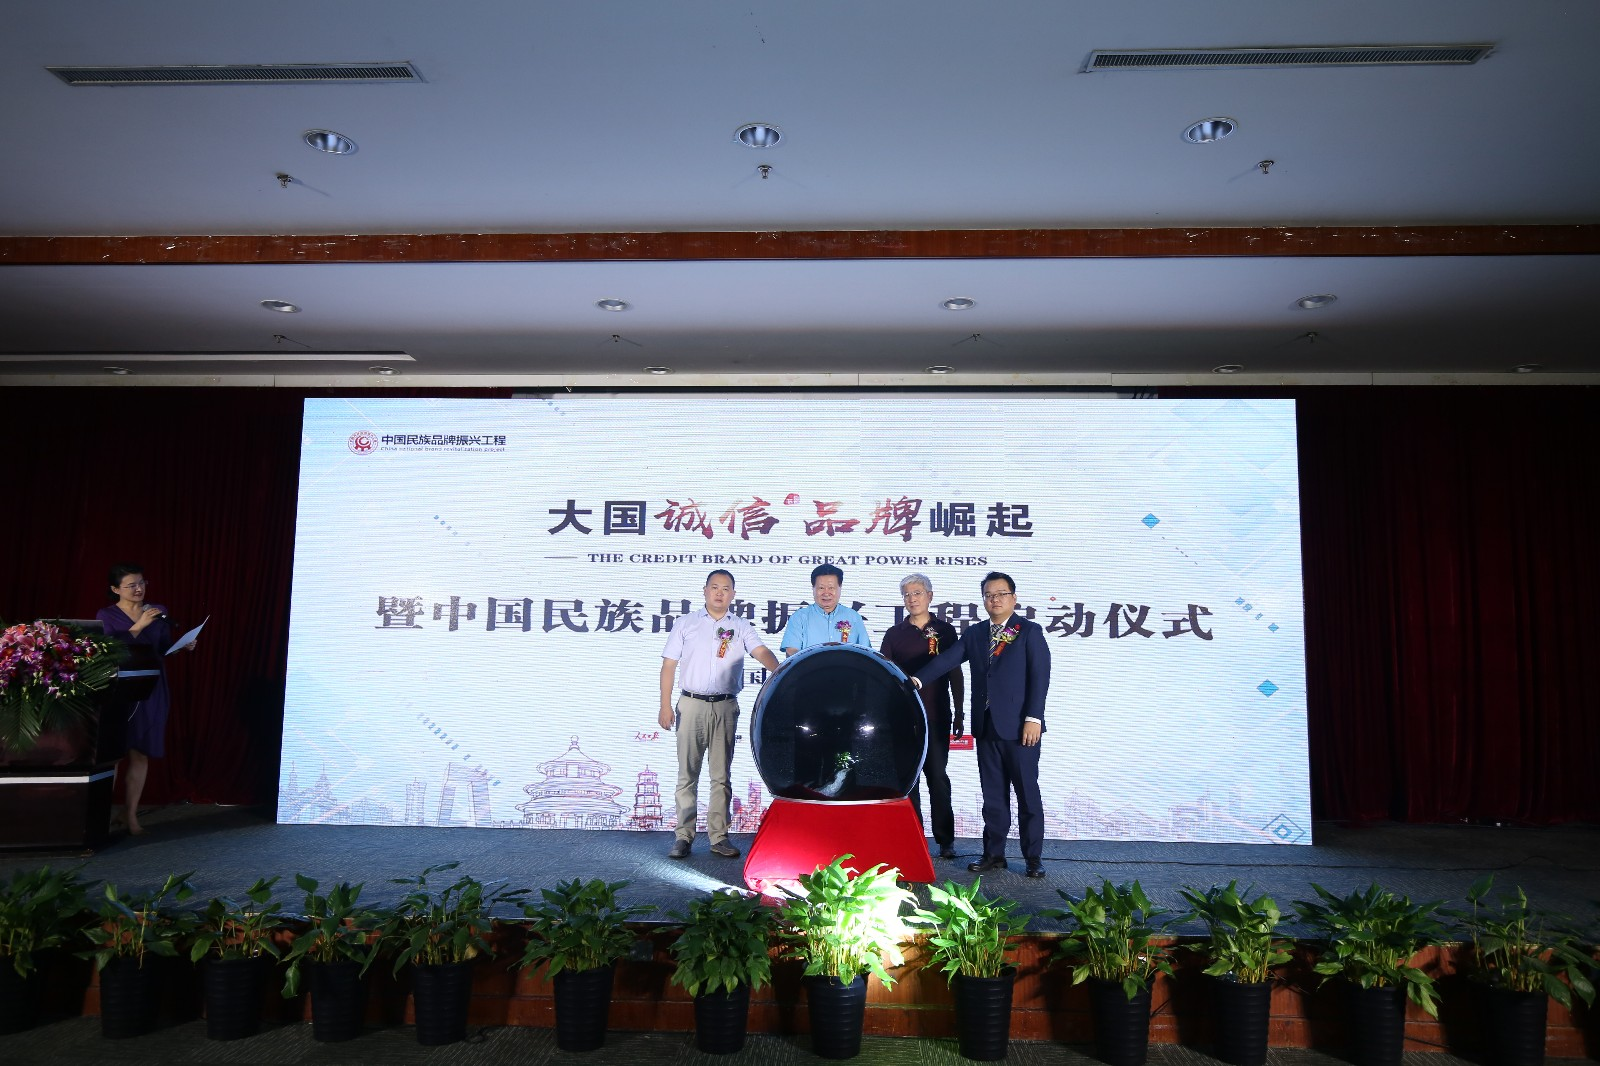 [新华社]大国诚信品牌崛起高峰论坛启动仪式在京举行